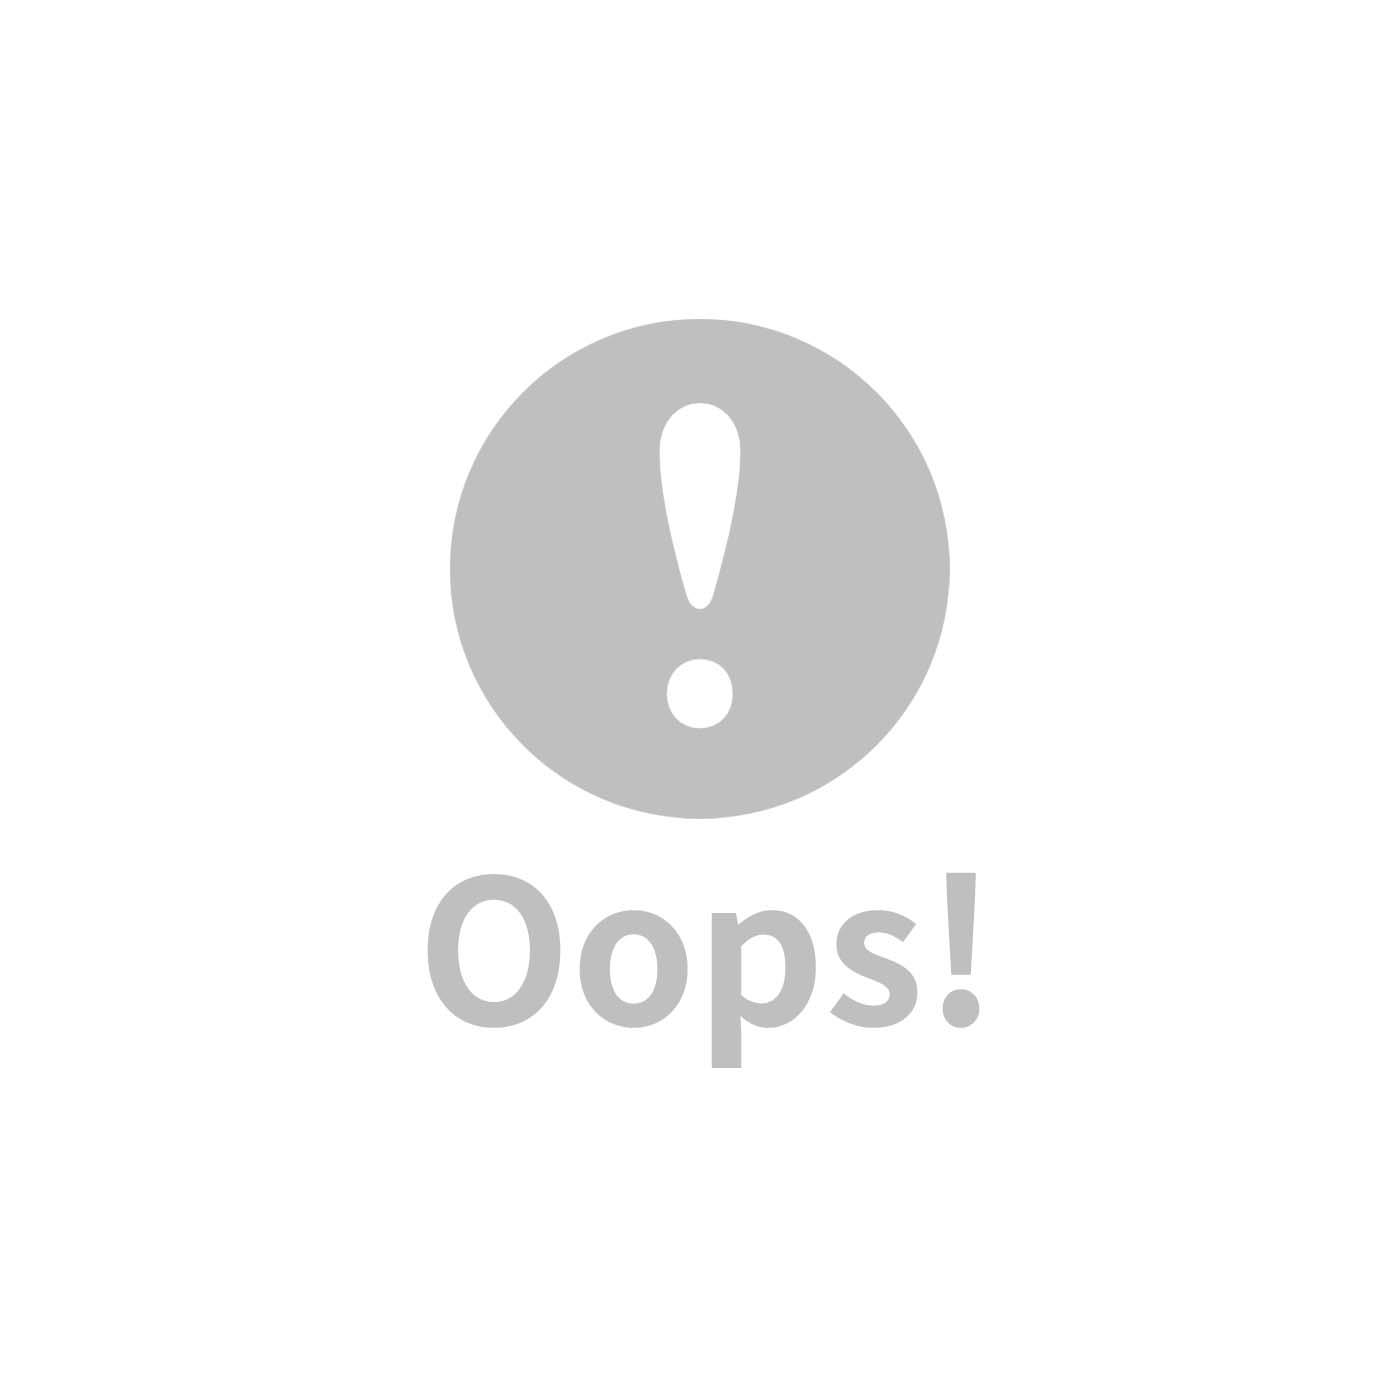 global affairs 童話手工編織安撫搖鈴_叢林系列(小火龍)